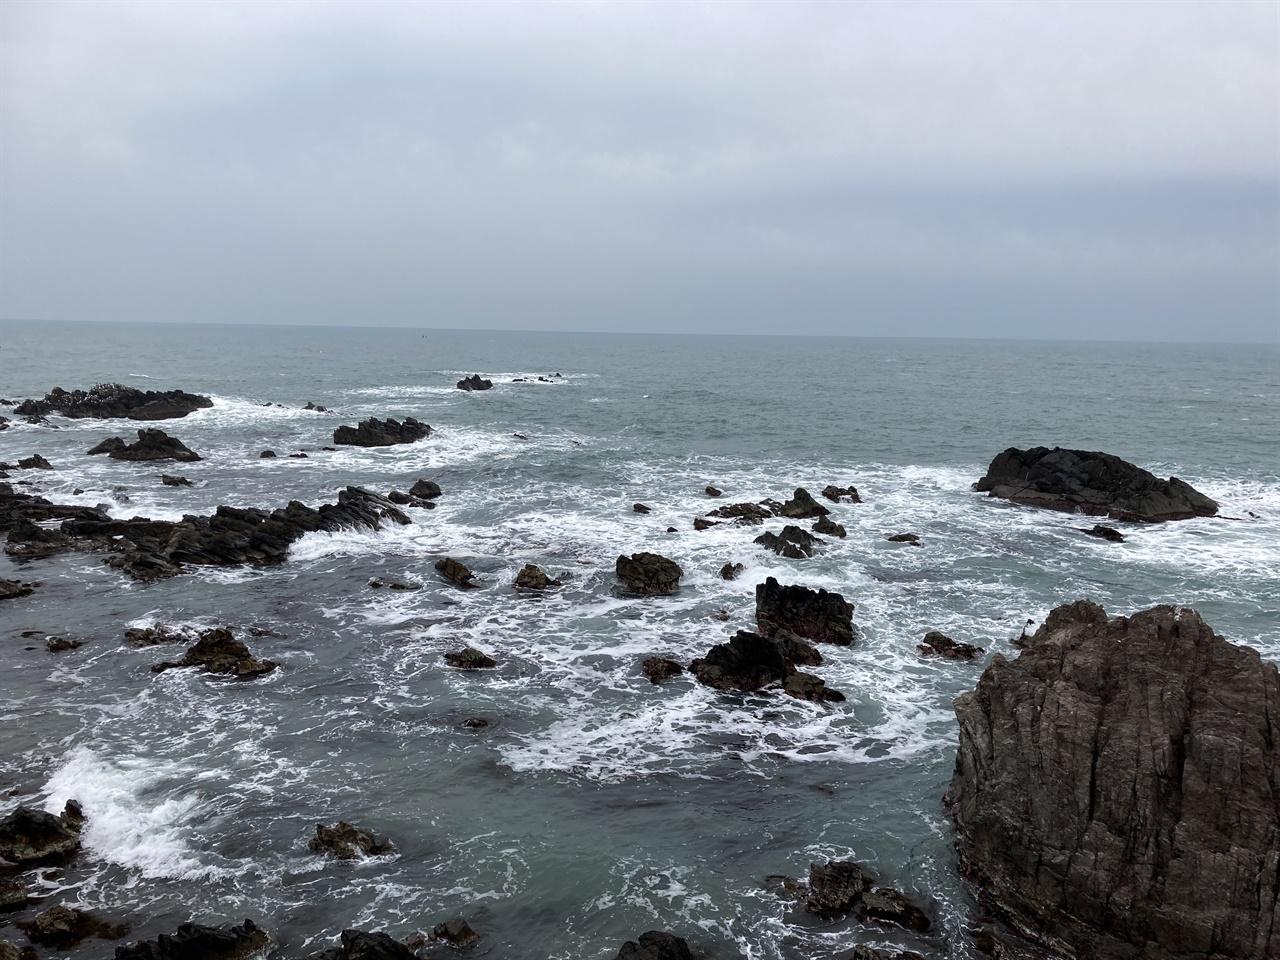 한 폭의 수묵화를 연상케하는 송대말등대 앞 동해 바다 모습